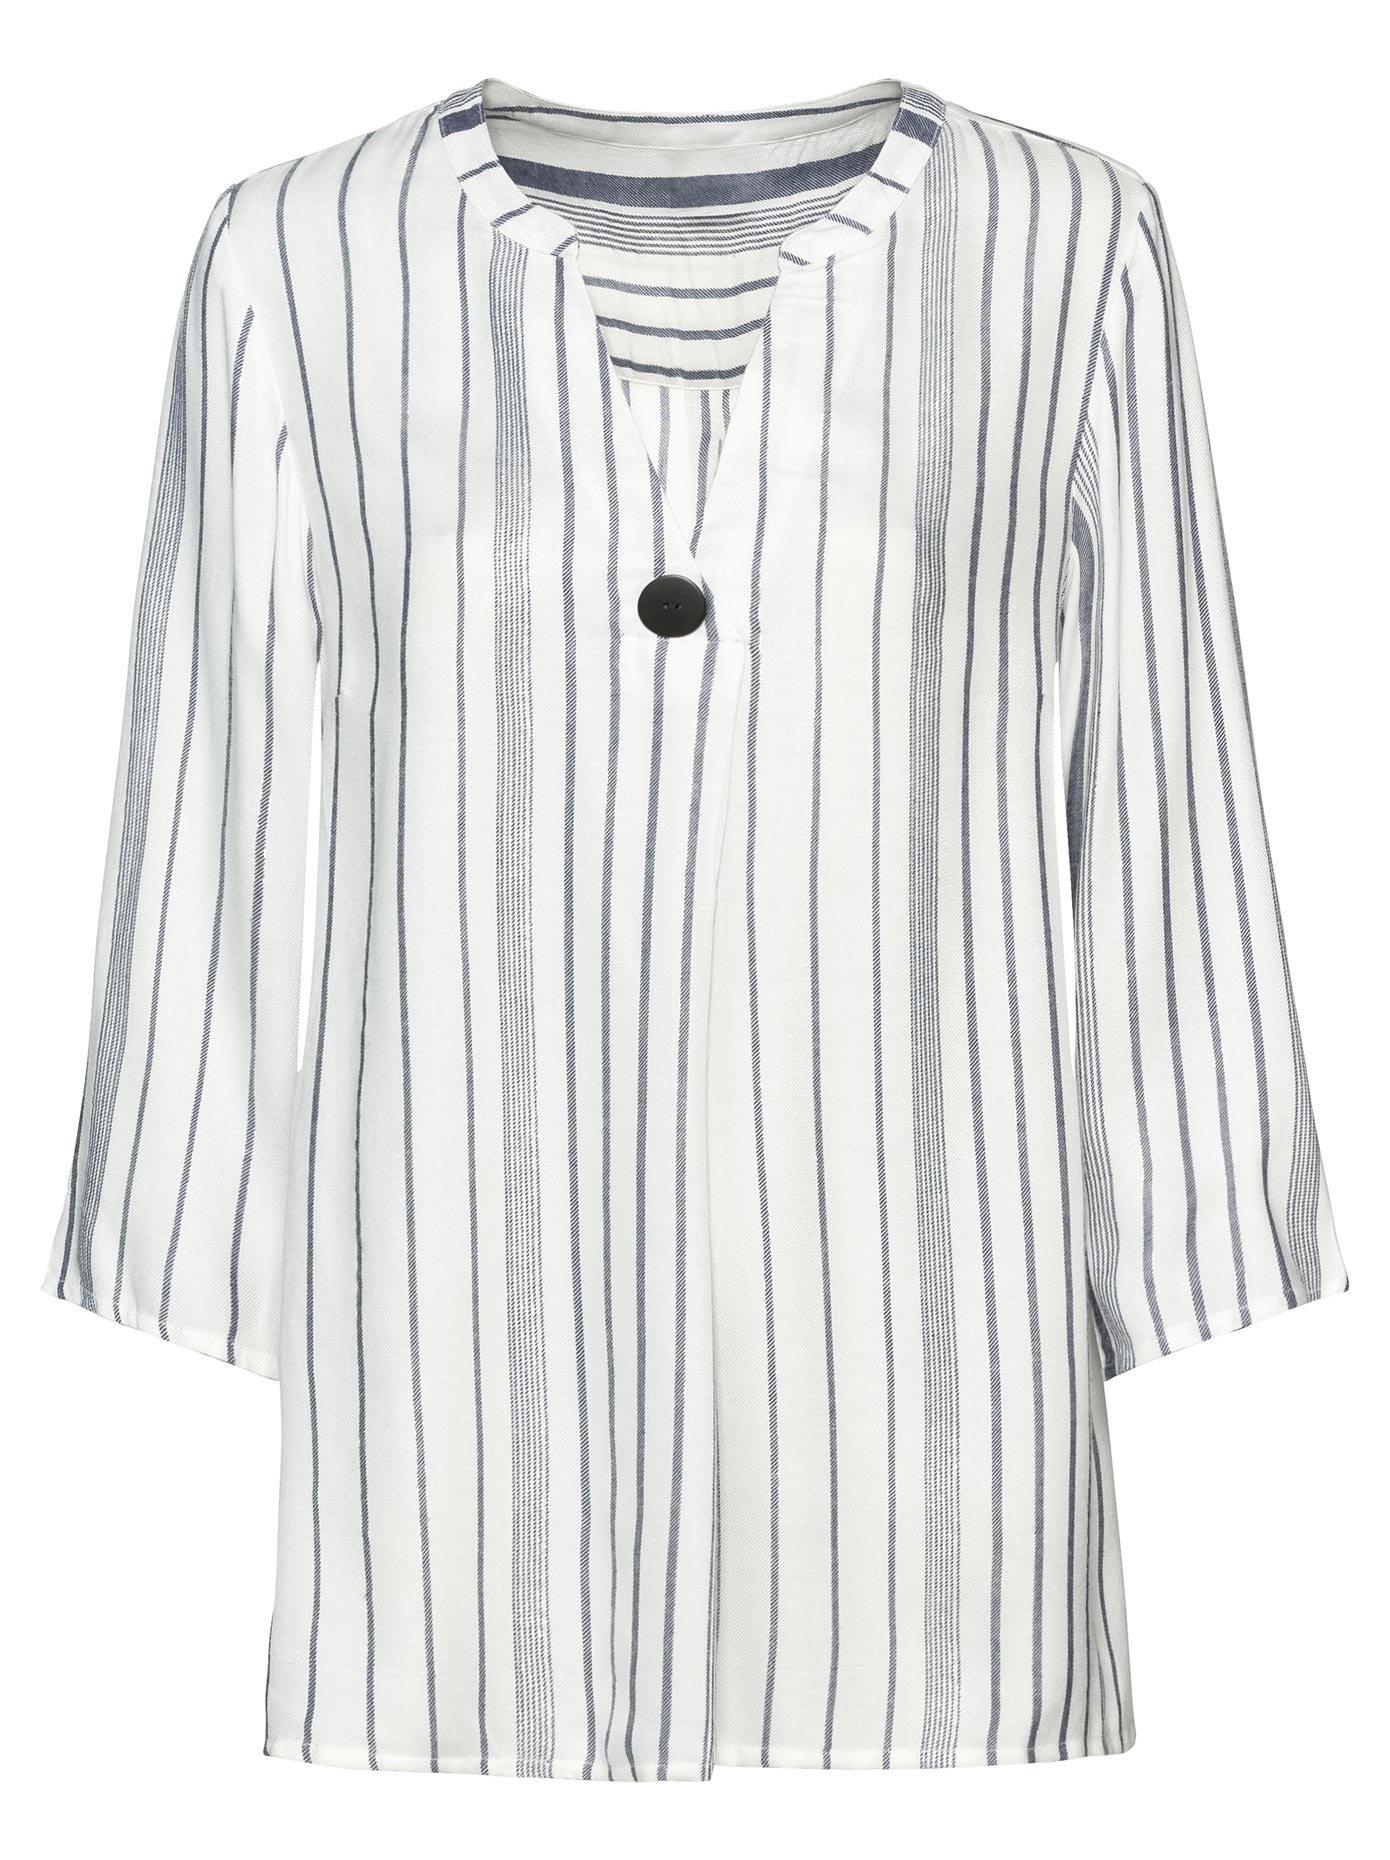 Classic Inspirationen lange blouse goedkoop op otto.nl kopen